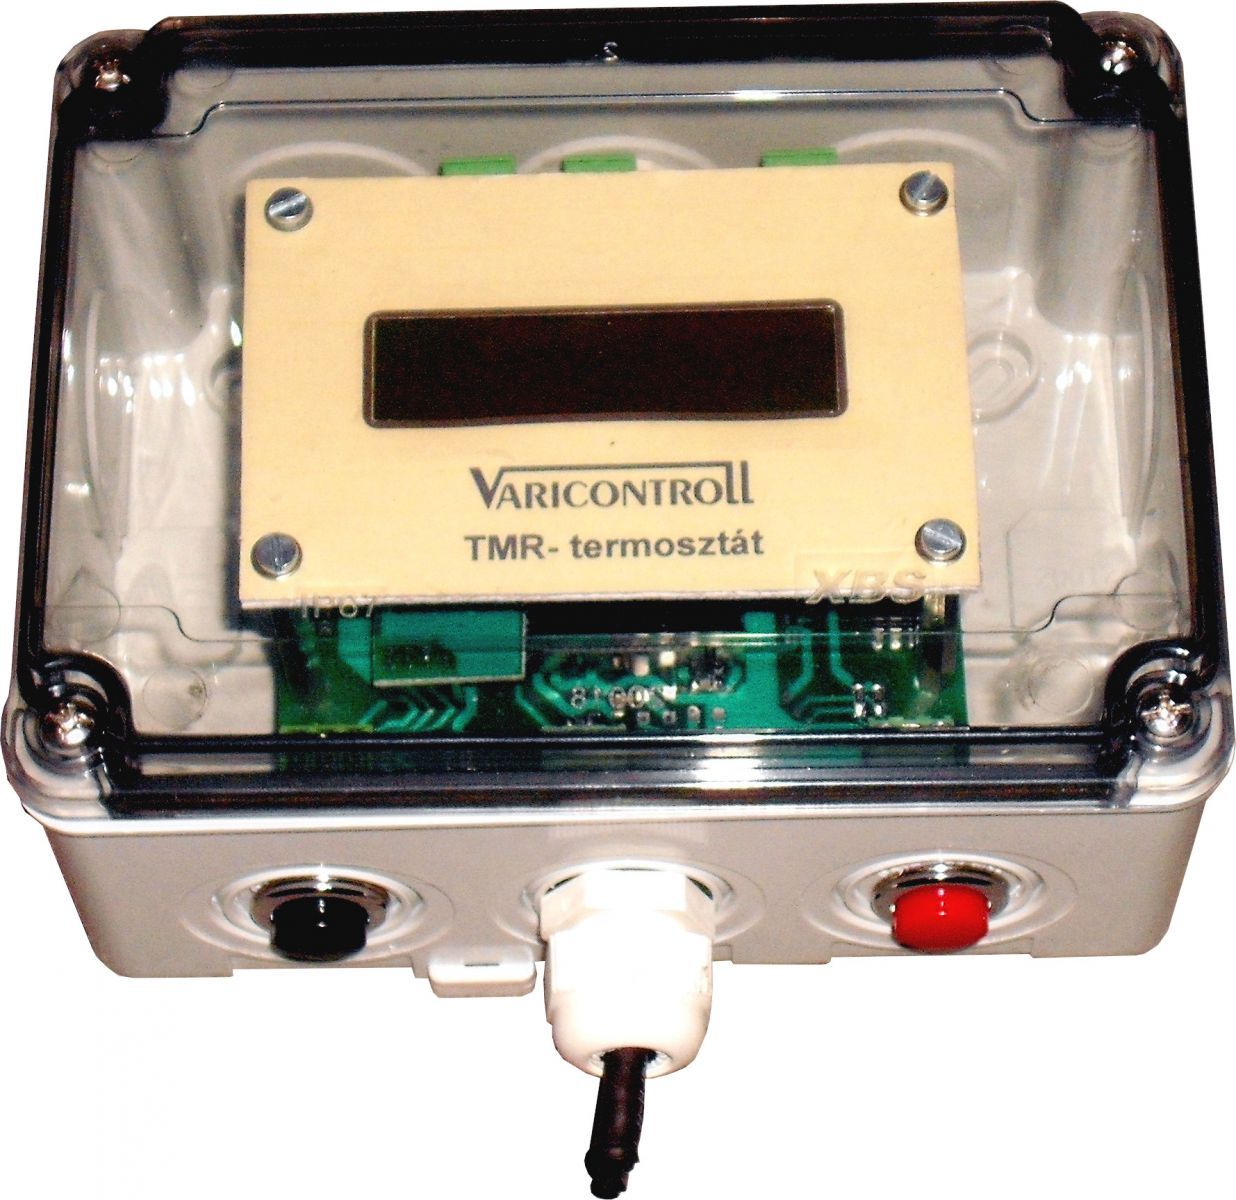 TMR - termosztát